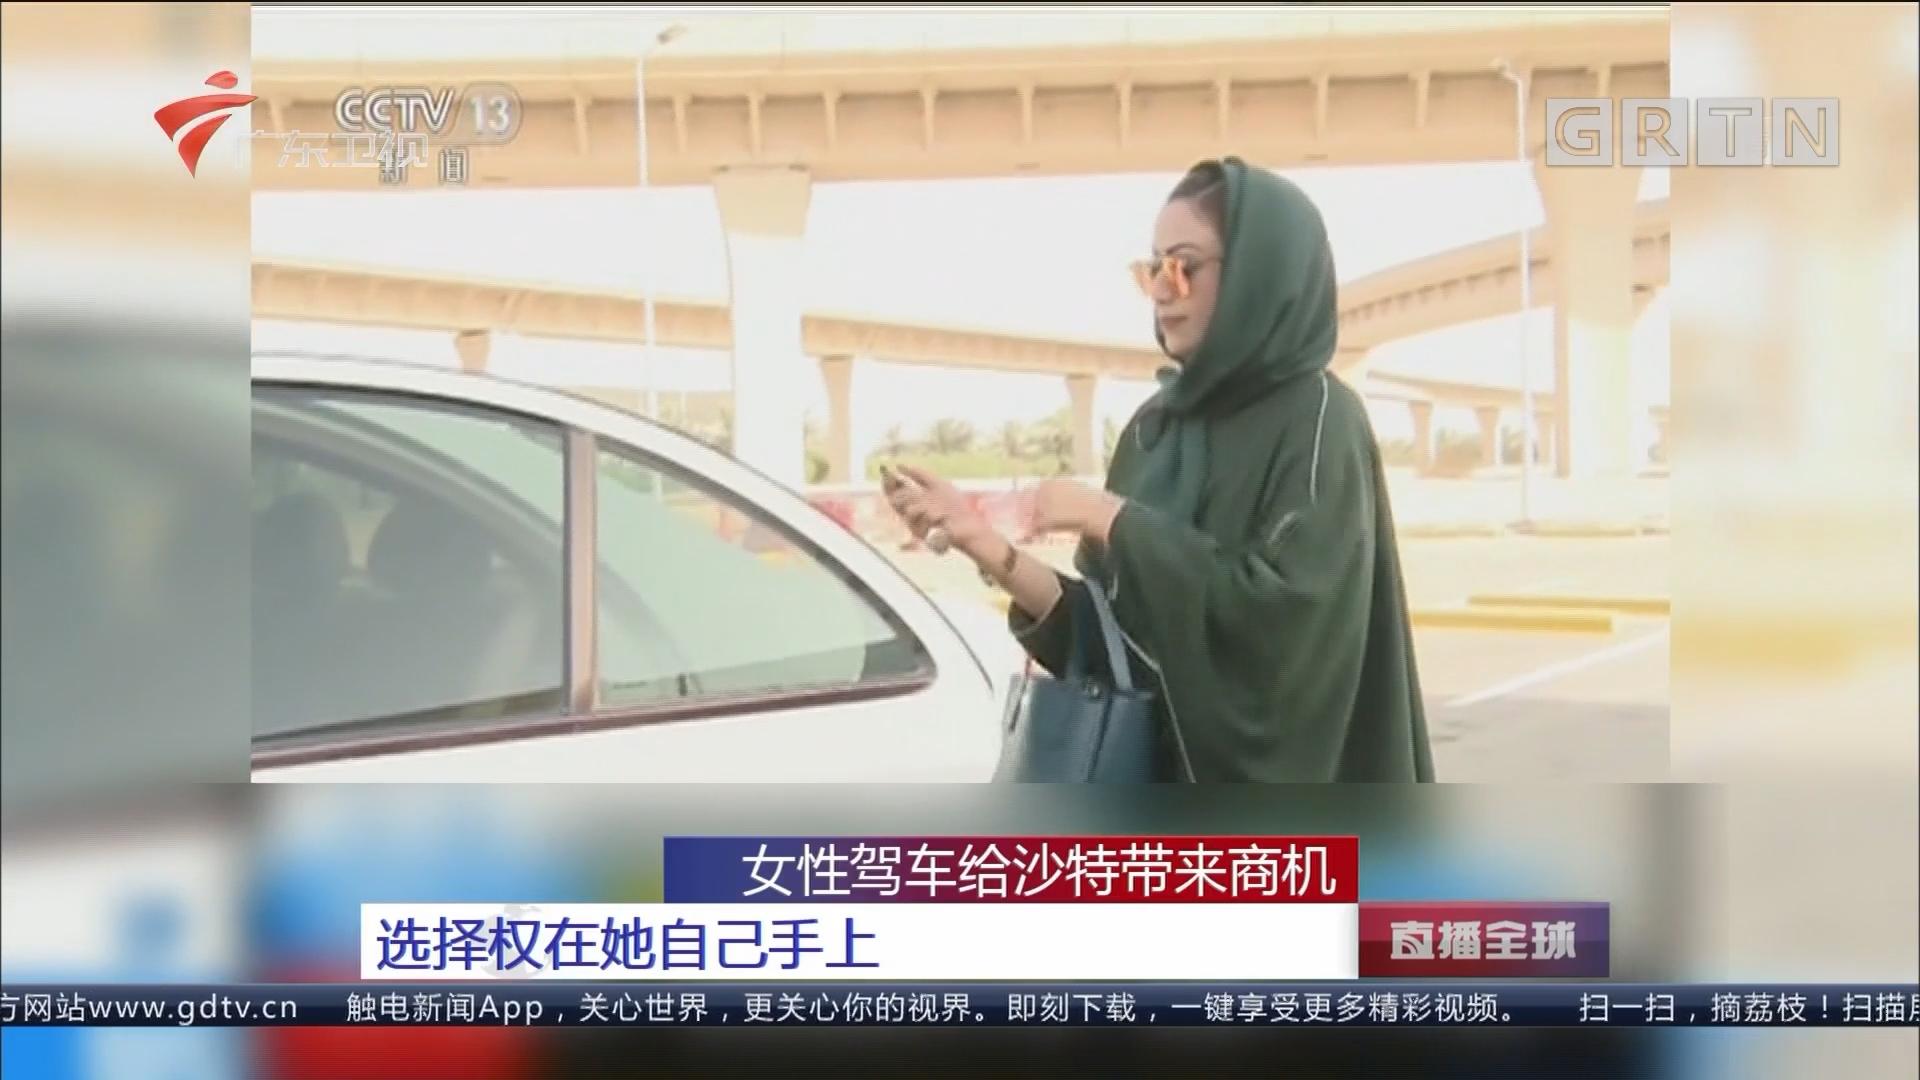 女性驾车给沙特带来商机:选择权在她自己手上